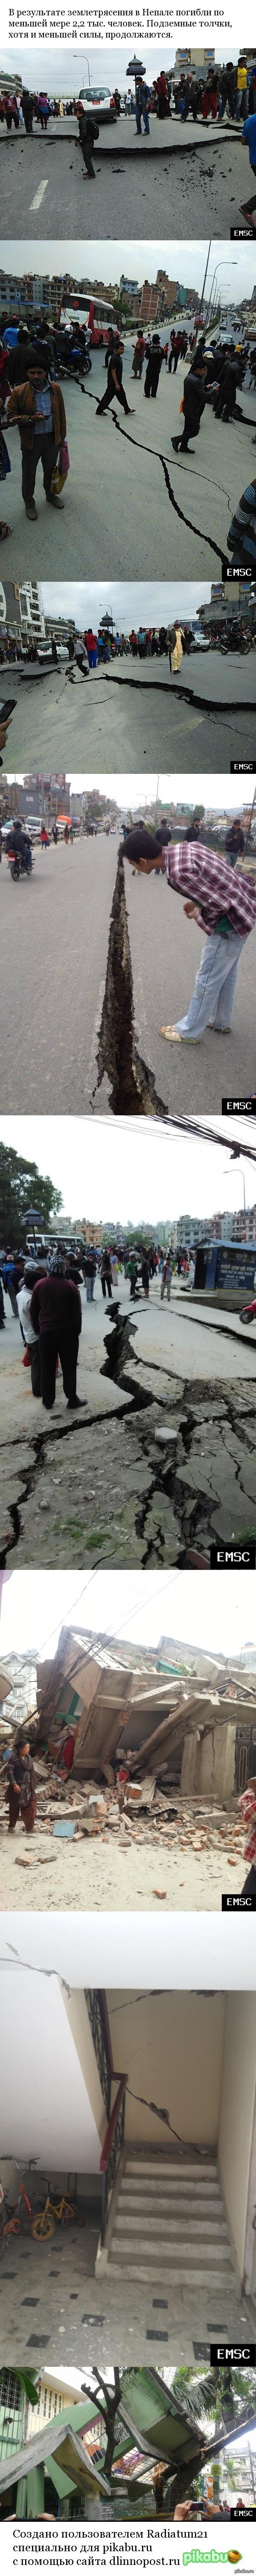 Последствия землетрясения Фото с сайта www.emsc-csem.org